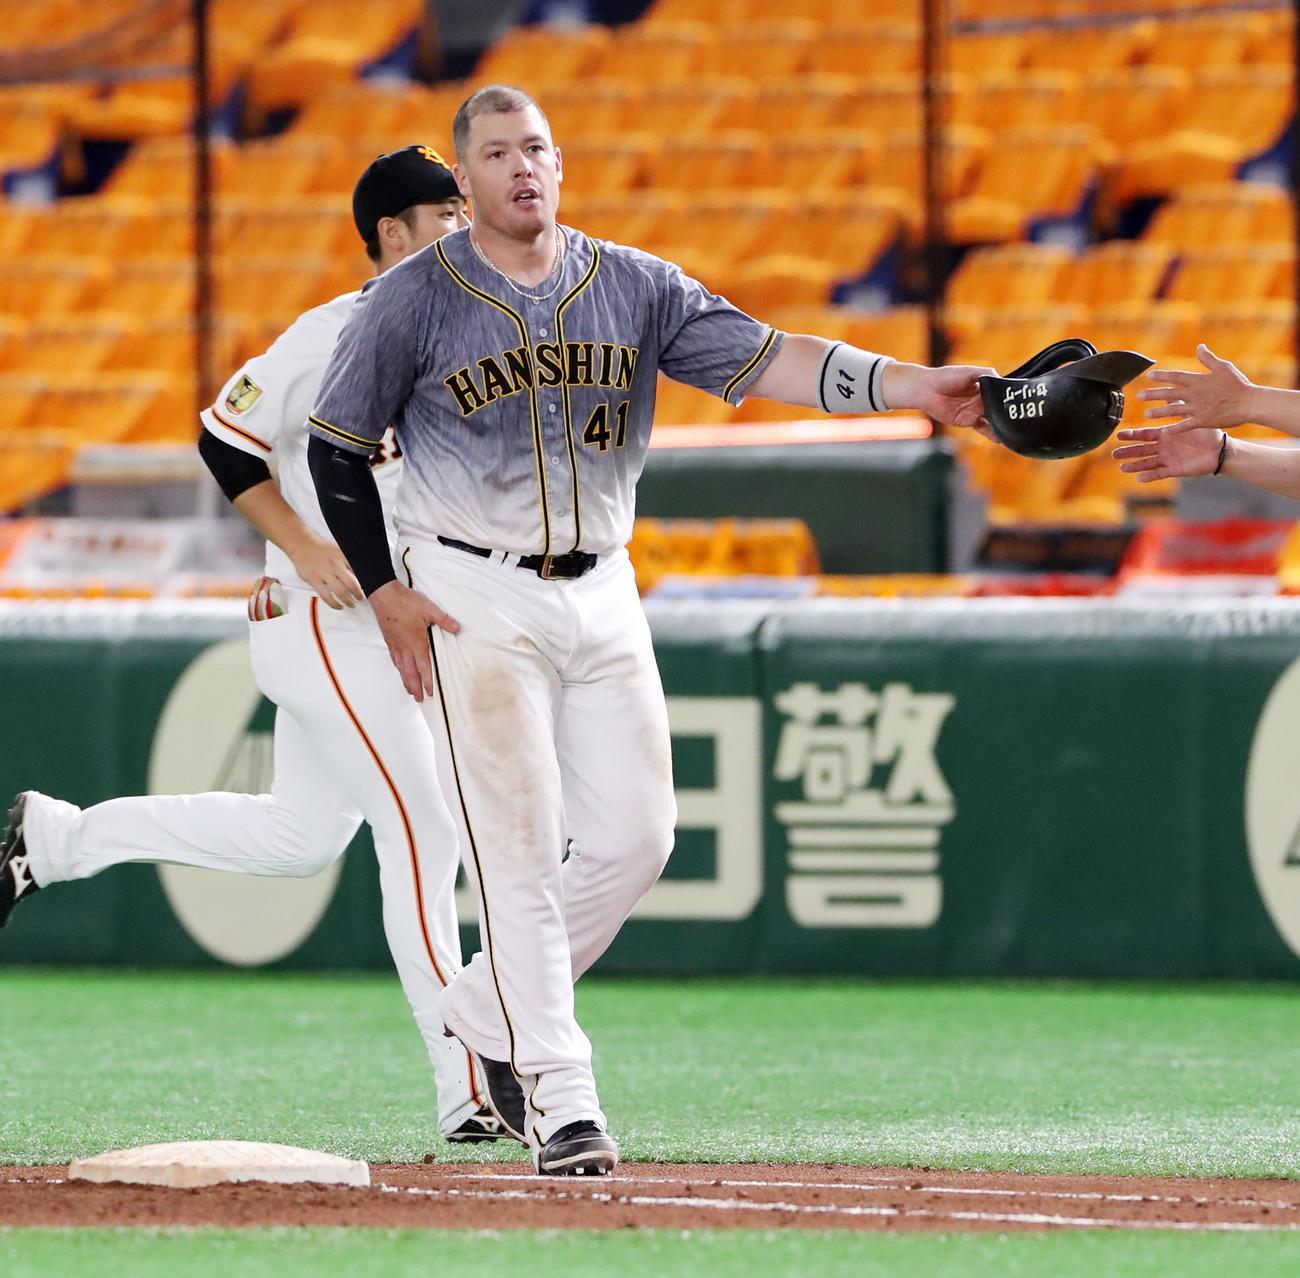 巨人対阪神 6回表阪神2死満塁、ジャスティン・ボーアは二塁ゴロを放ちヘルメットをコーチへ渡す(撮影・加藤哉)